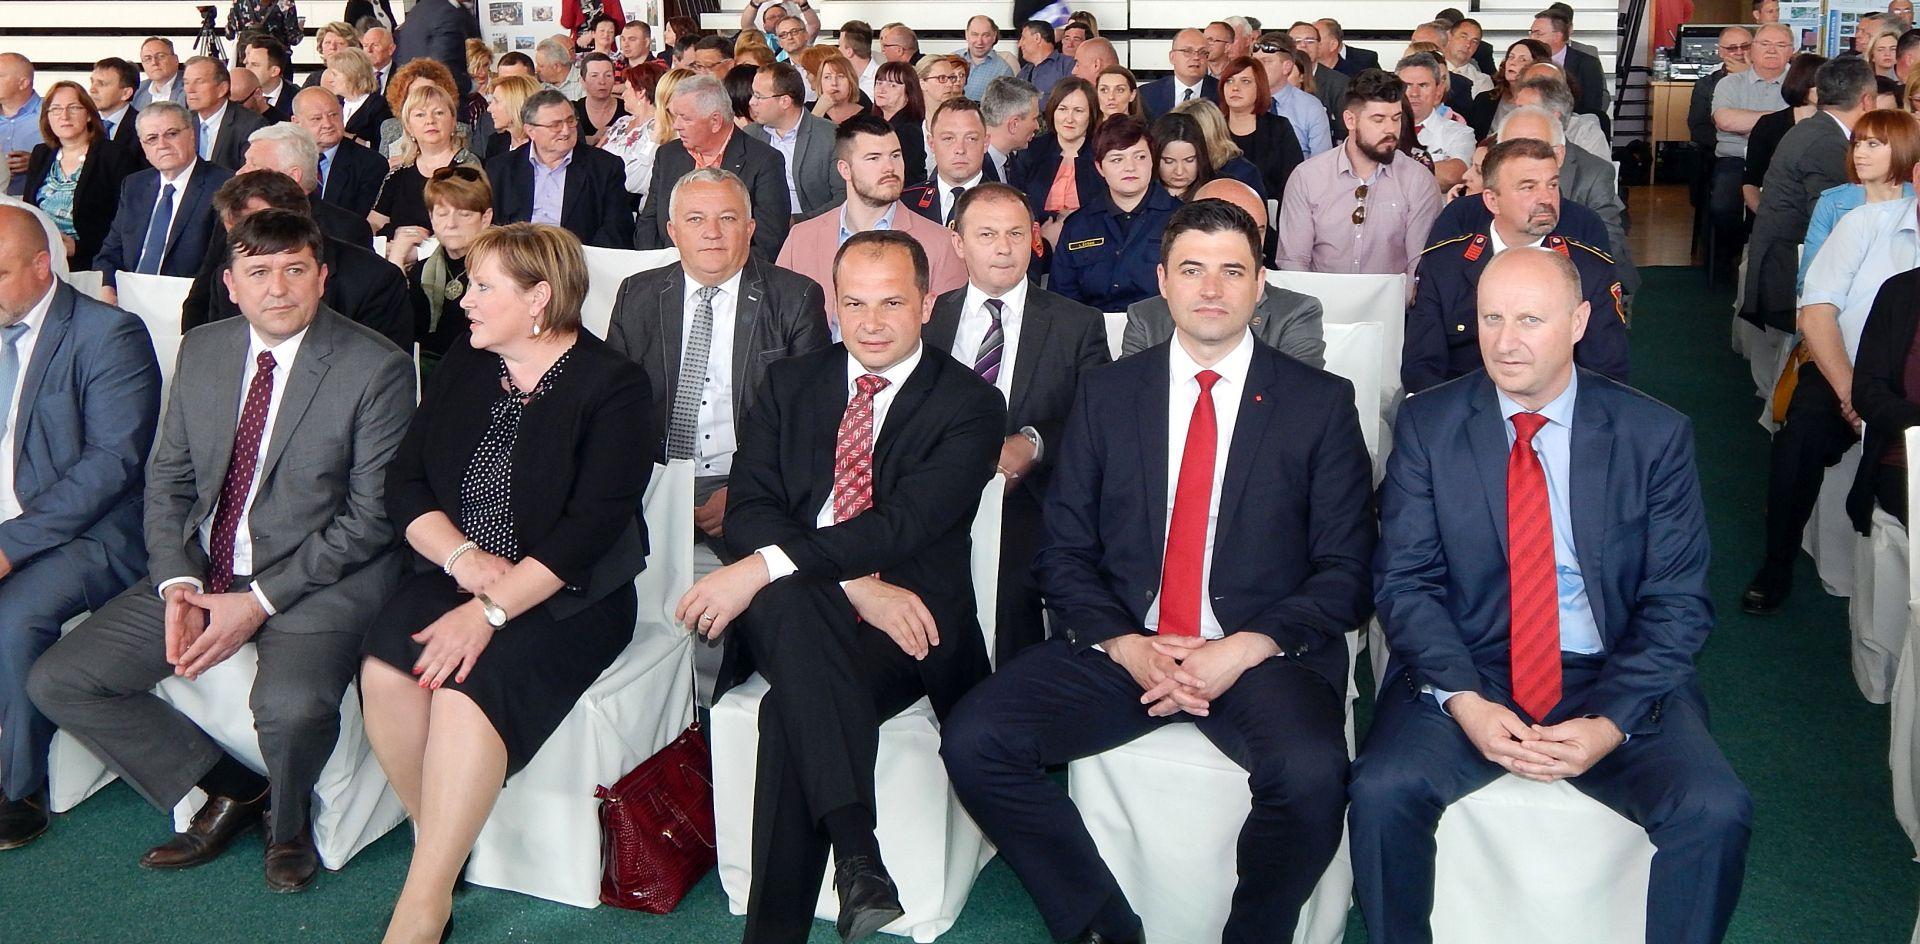 Krapinsko-zagorska županija proslavila 25. obljetnicu osnutka